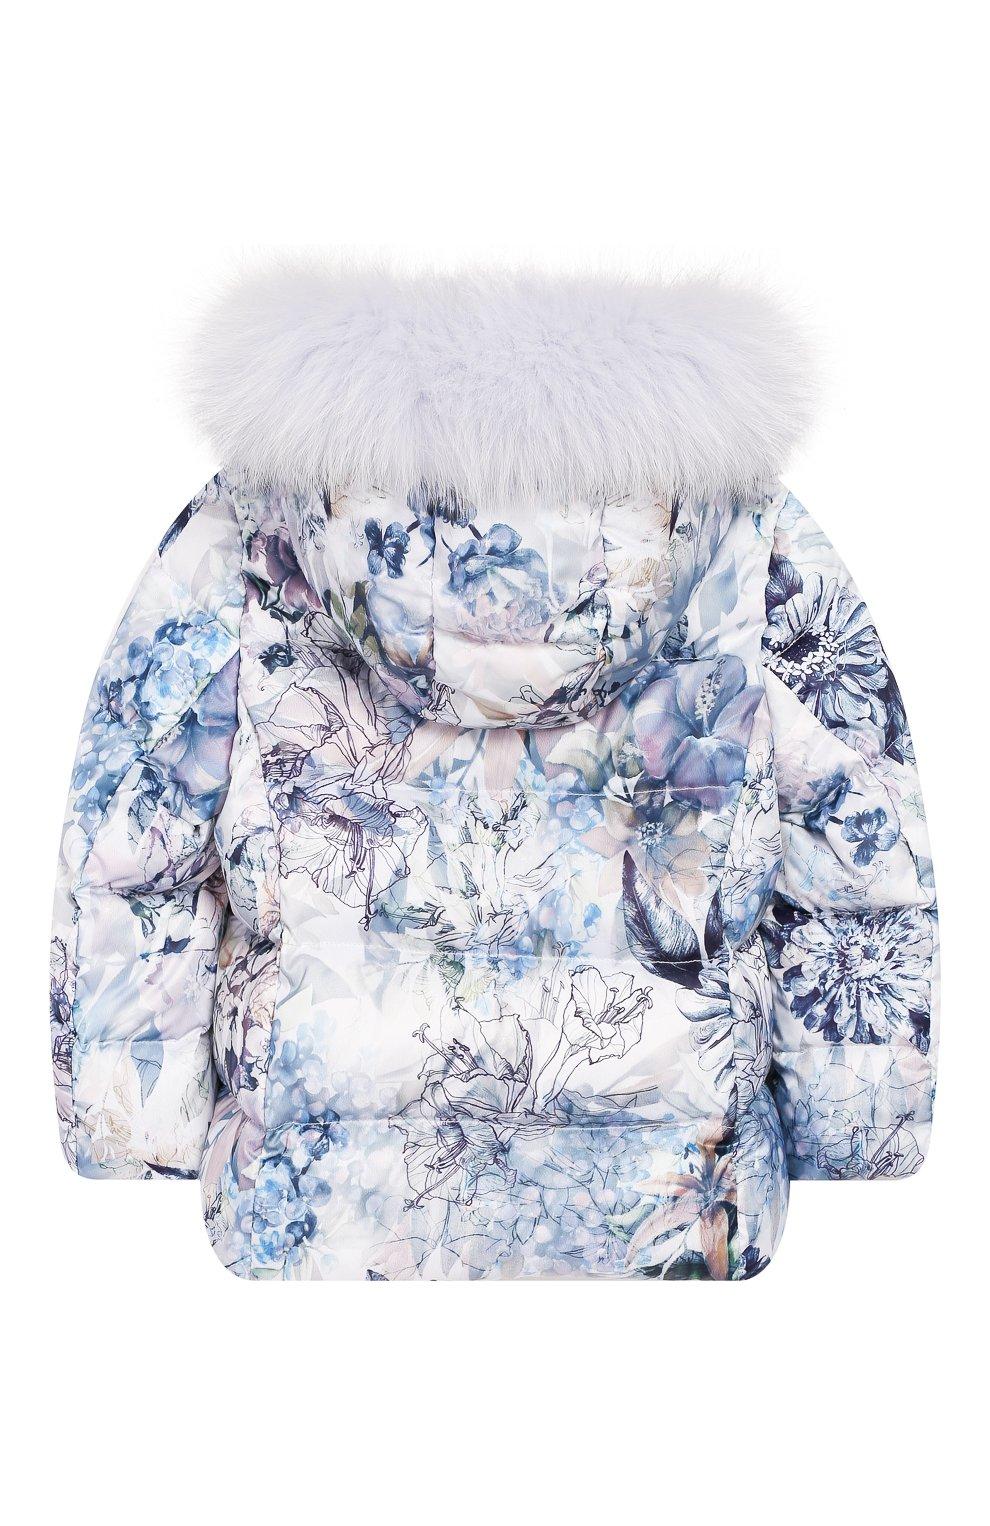 Комплект из пуховой куртки и комбинезона Сиреневый сад   Фото №3